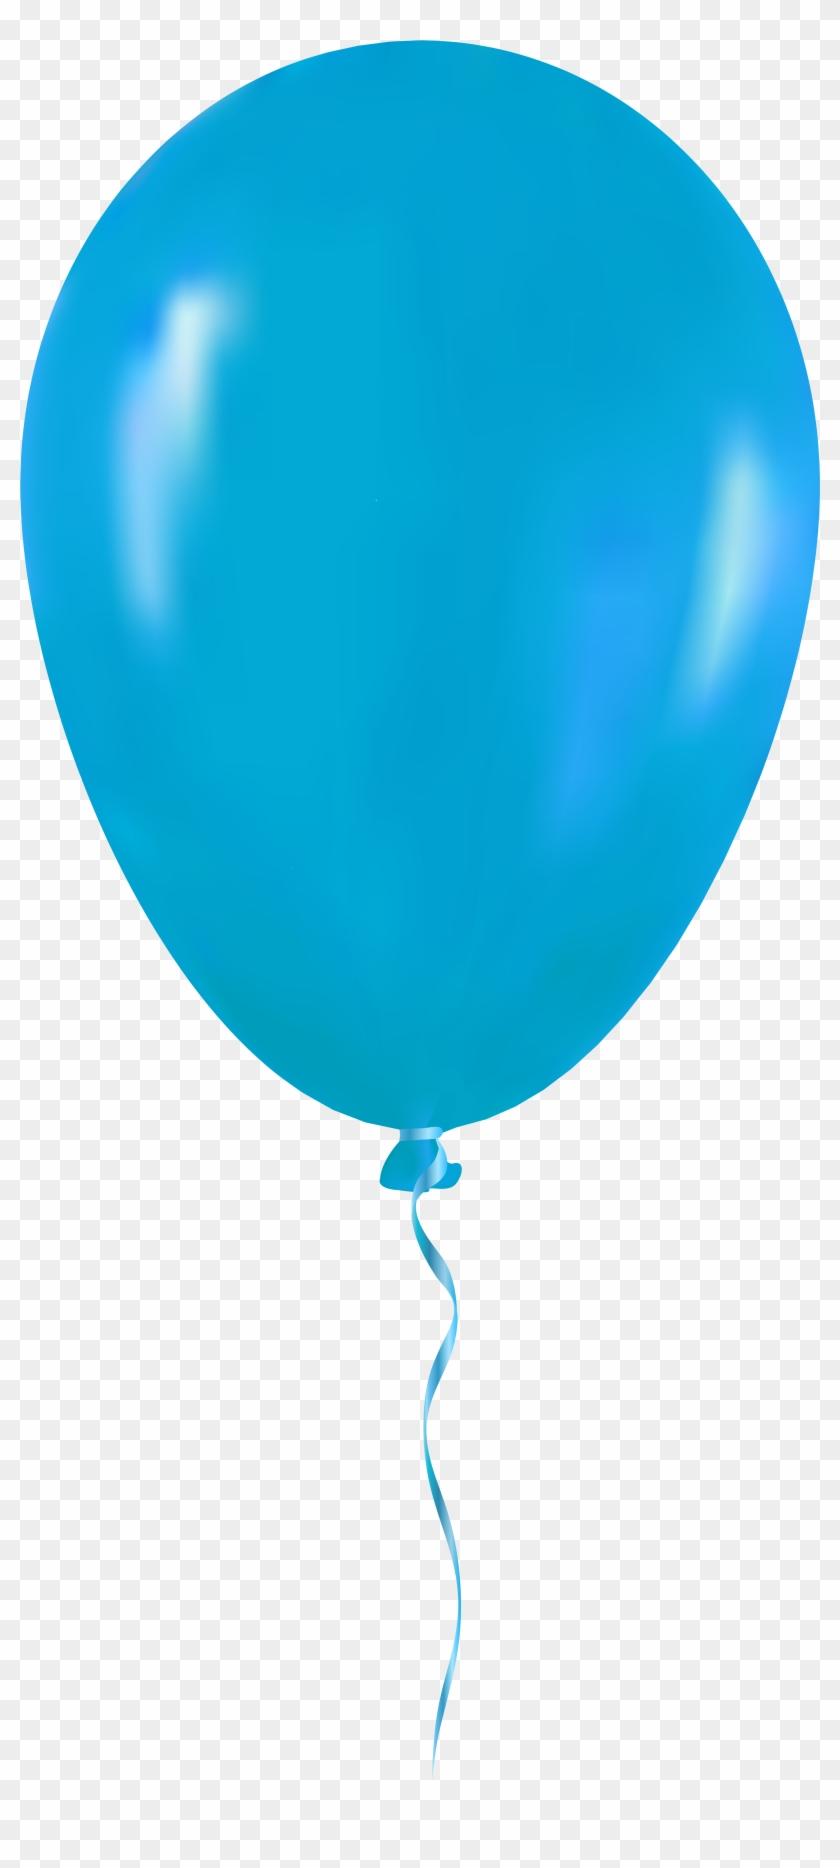 Light Blue Balloon Png Clip Art - Blue Balloon Png #27923